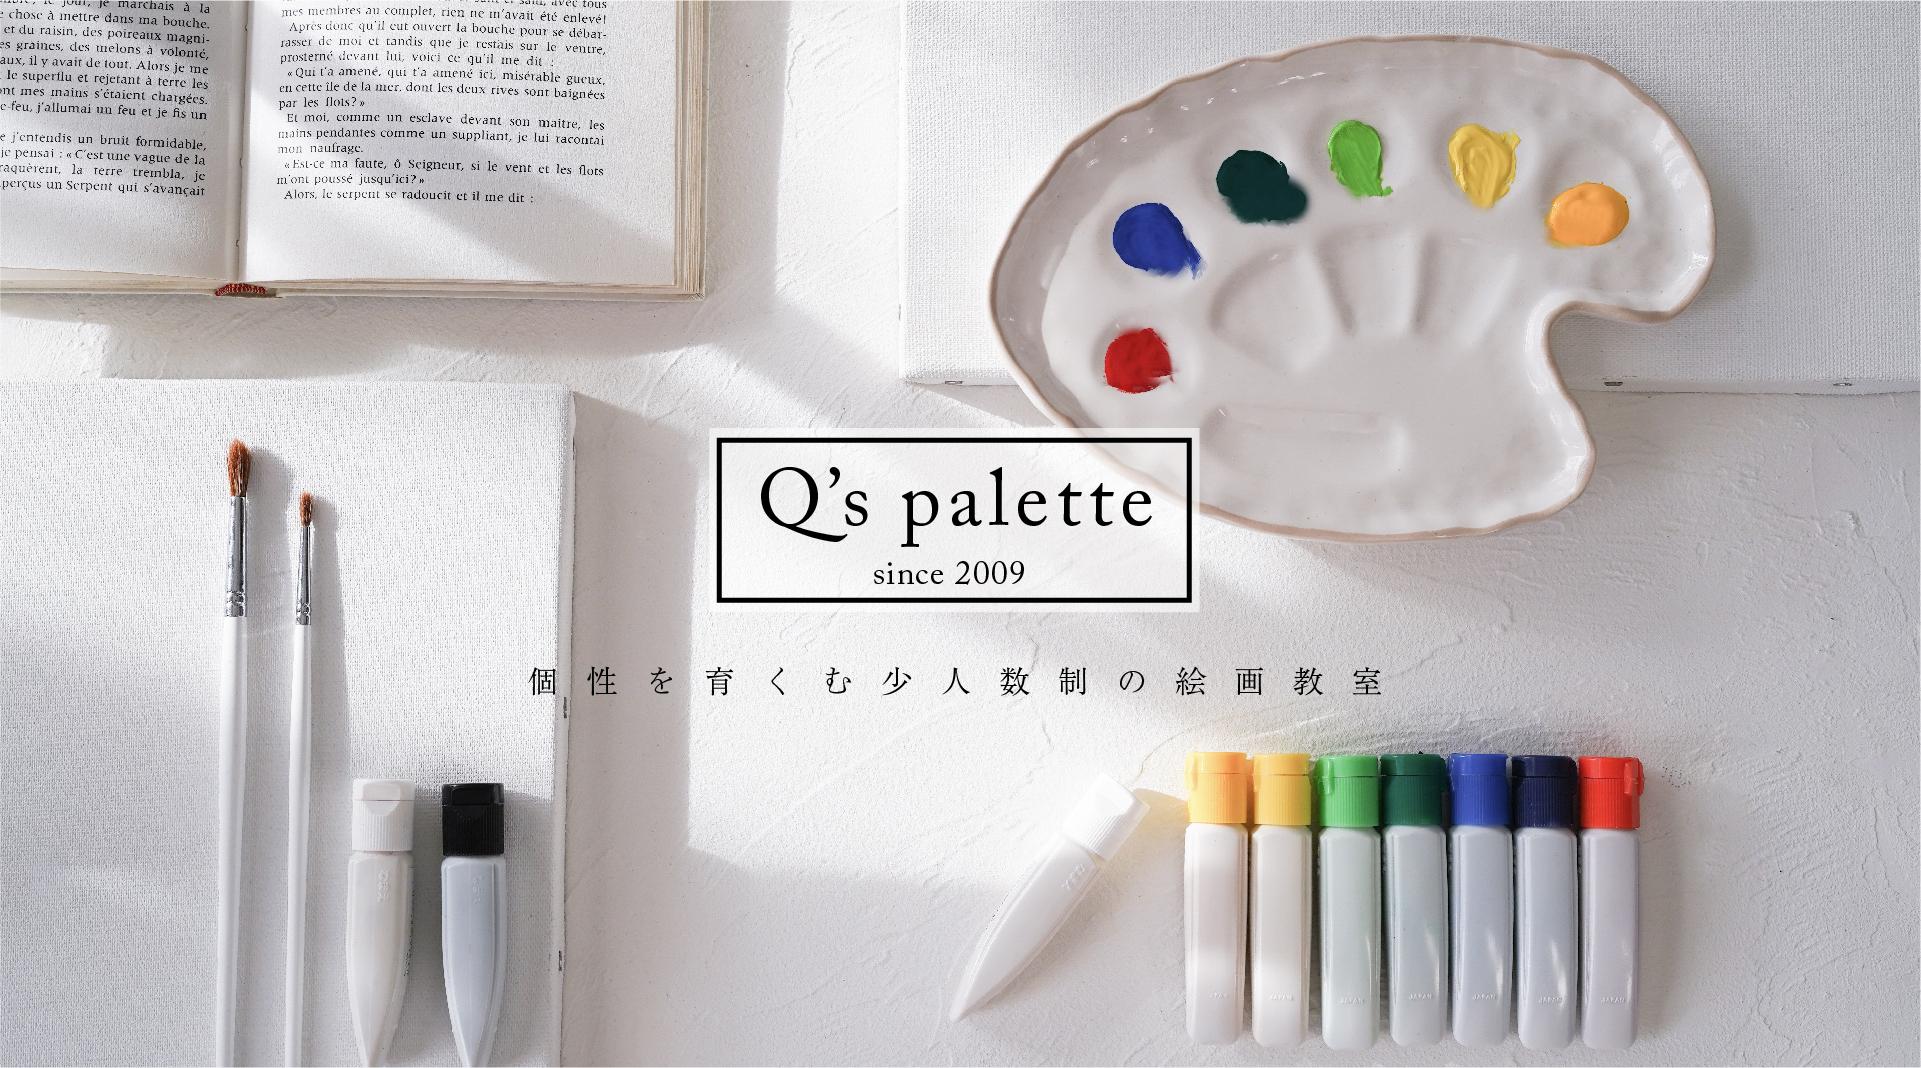 小学校受験 対策の絵画教室なら東京都内キューズパレット